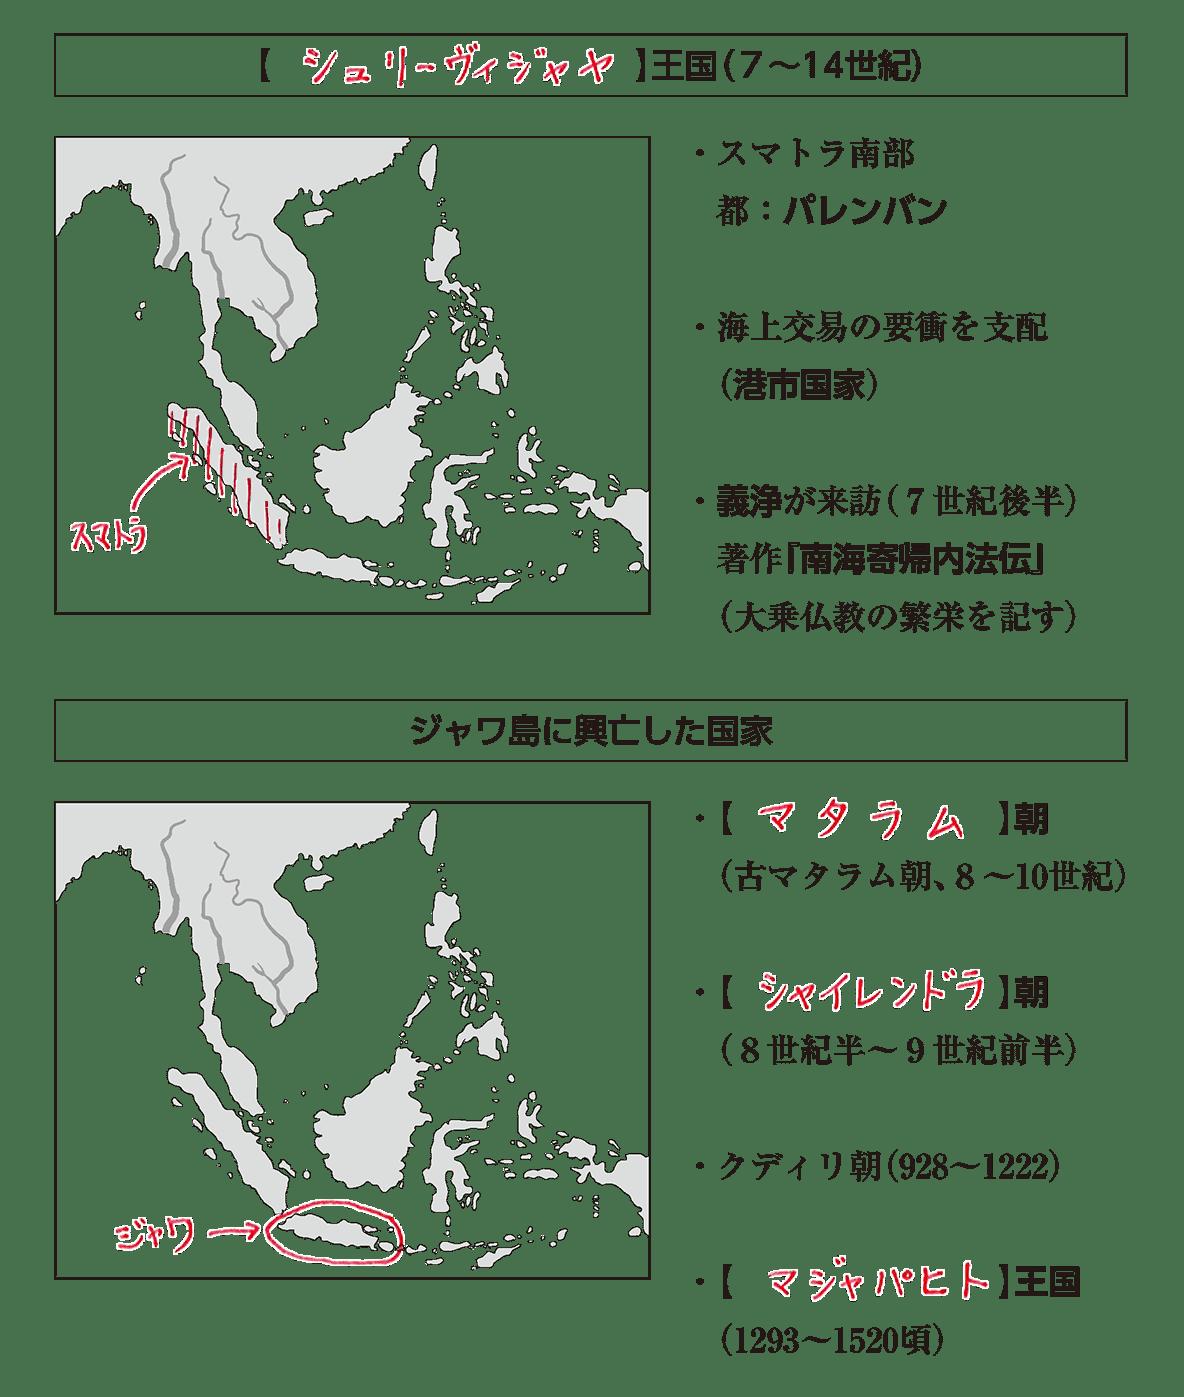 高校世界史 東南アジア前近代史3 ポイント1 答え全部